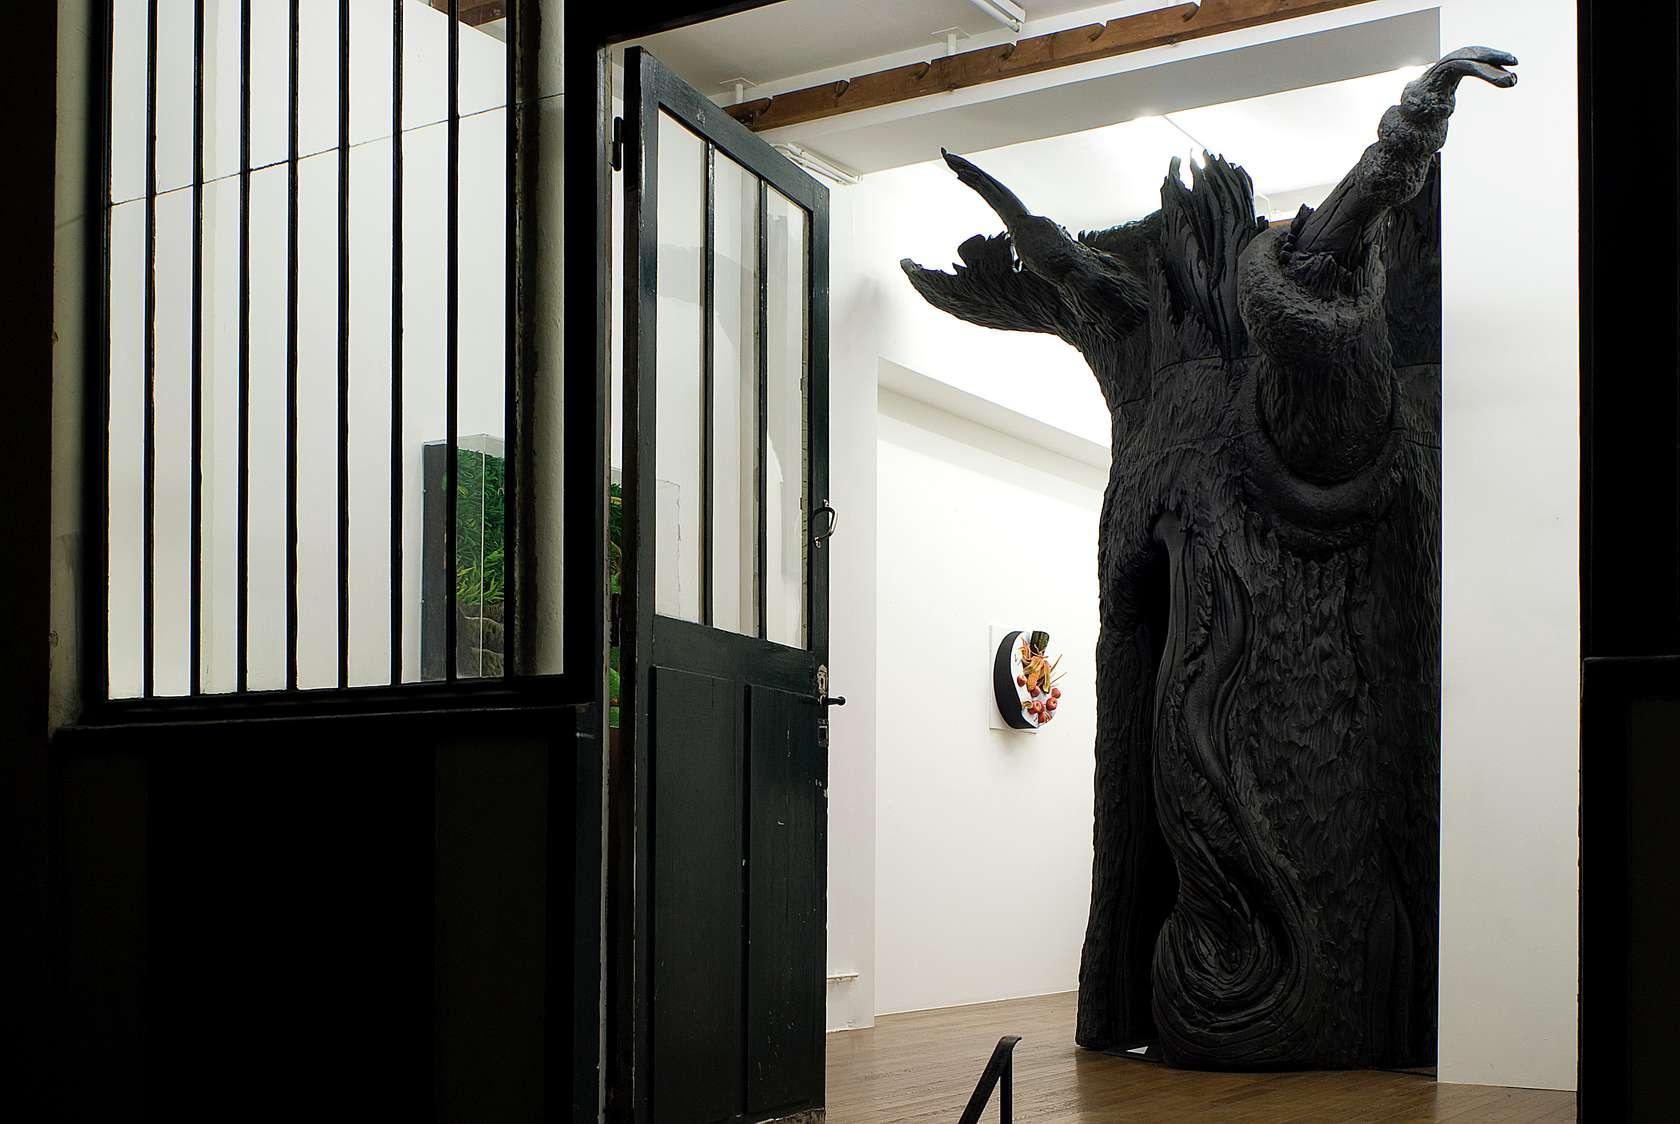 Piero Gilardi, Phosphor, 2008 Mousse de polyurethane et dispositif électronique280 x 360cm / 110 2/8 x 141 6/8inches